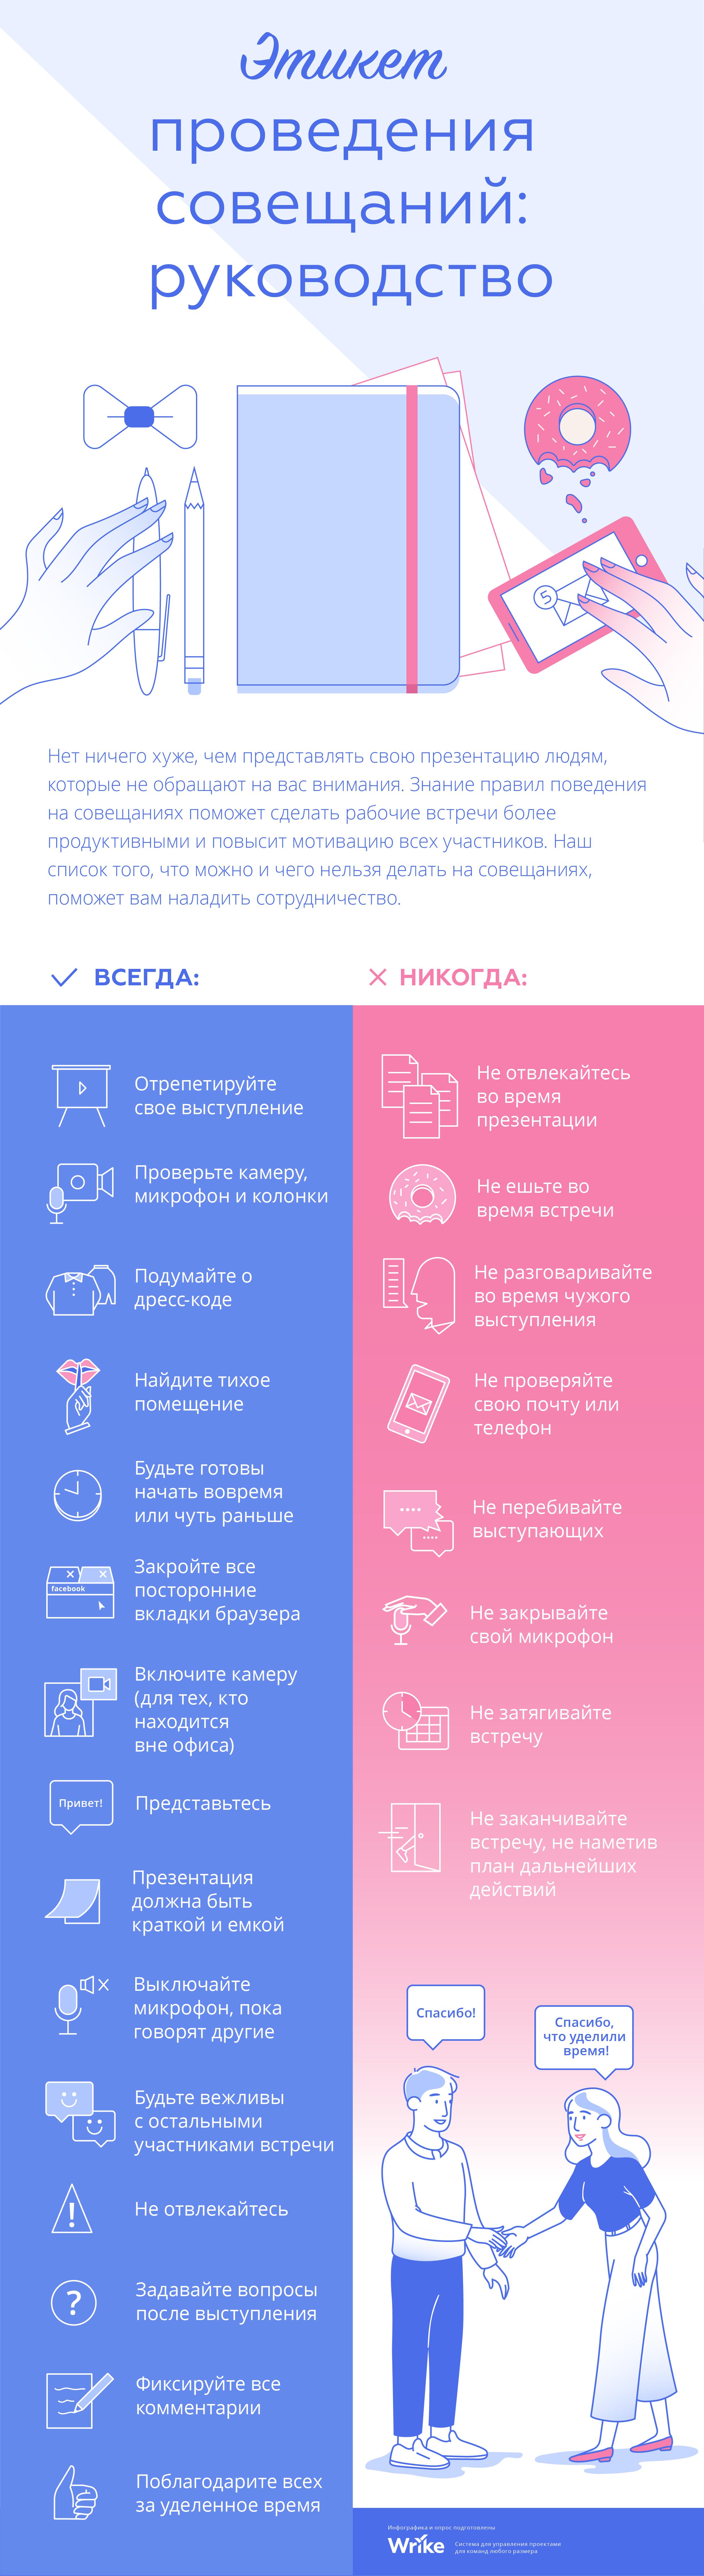 инфографика провести совещание